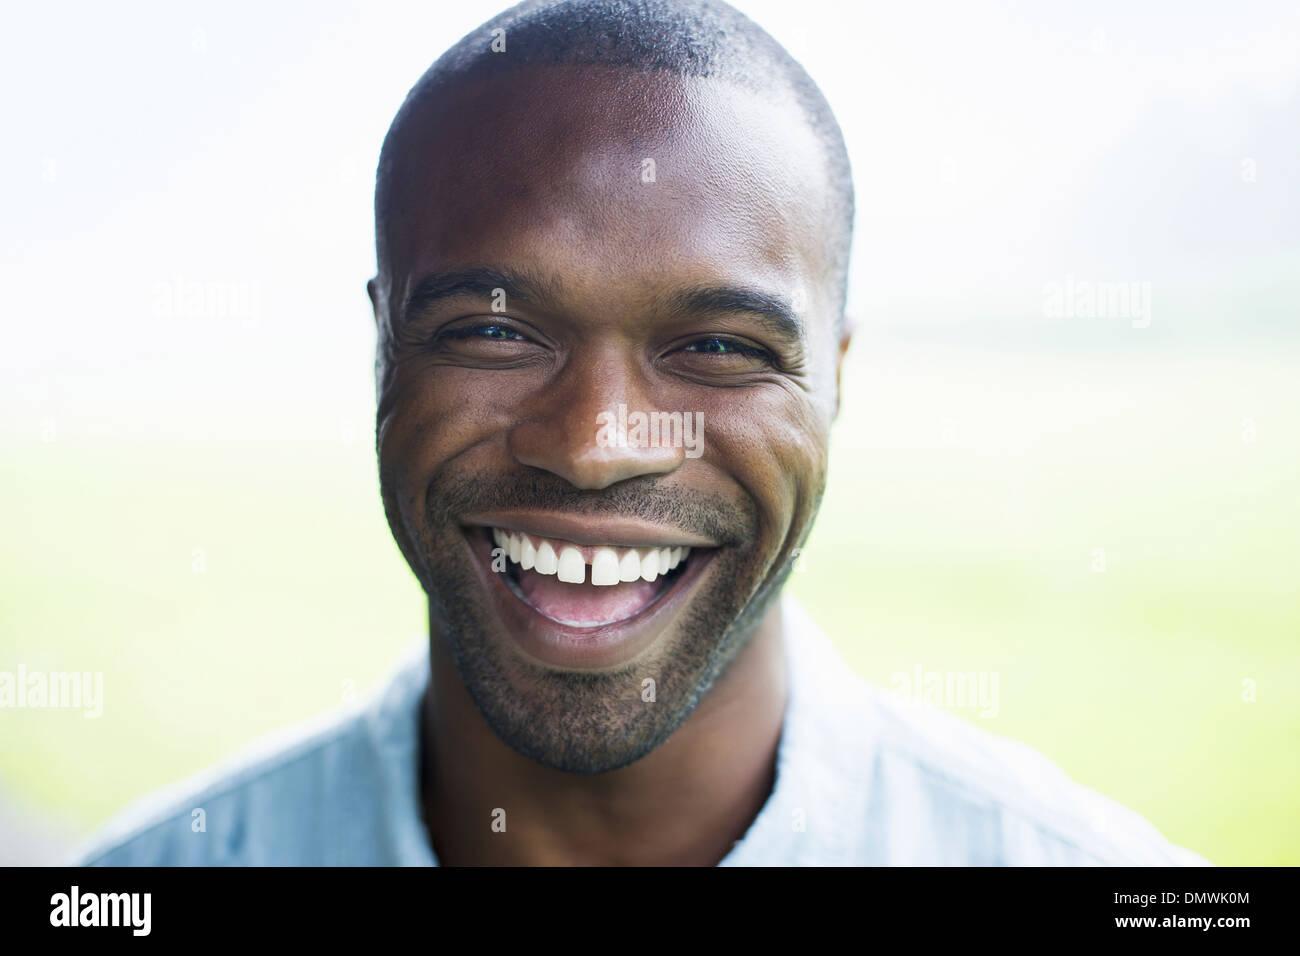 Un jeune homme en chemise bleue rire. Photo Stock